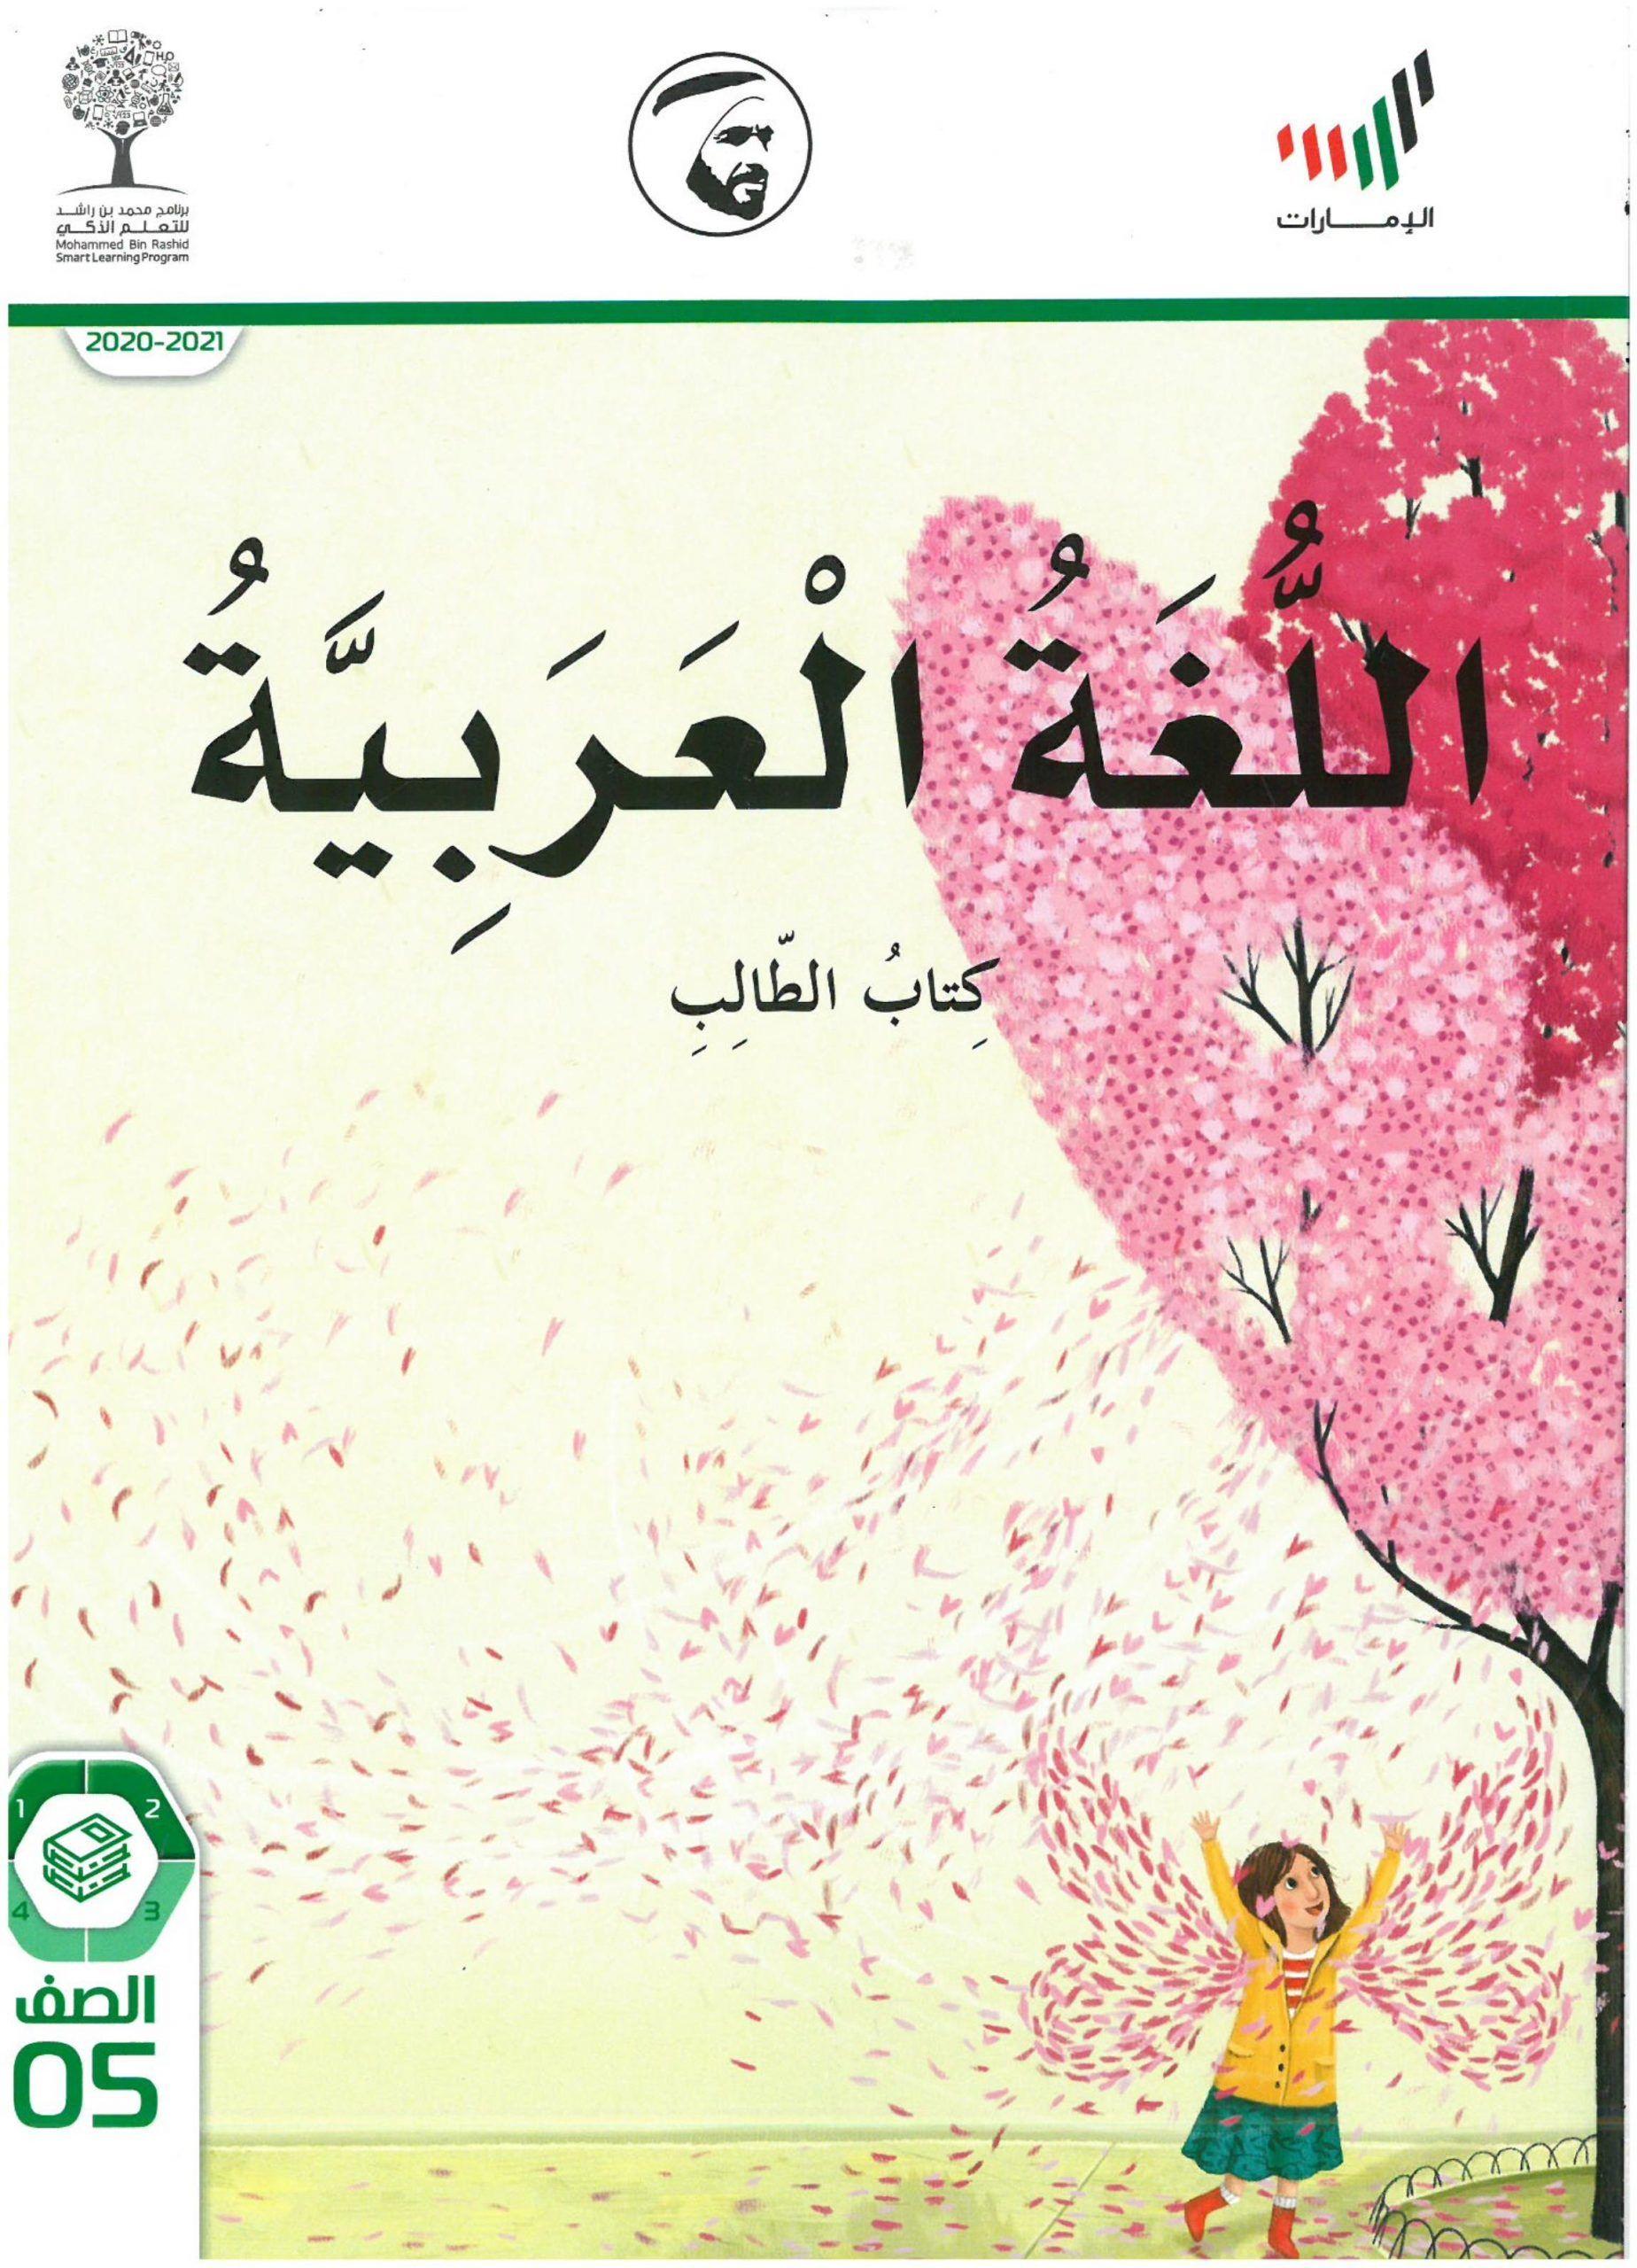 كتاب الطالب الفصل الدراسي الاول 2020 2021 للصف الخامس مادة اللغة العربية Book Activities Activities Books